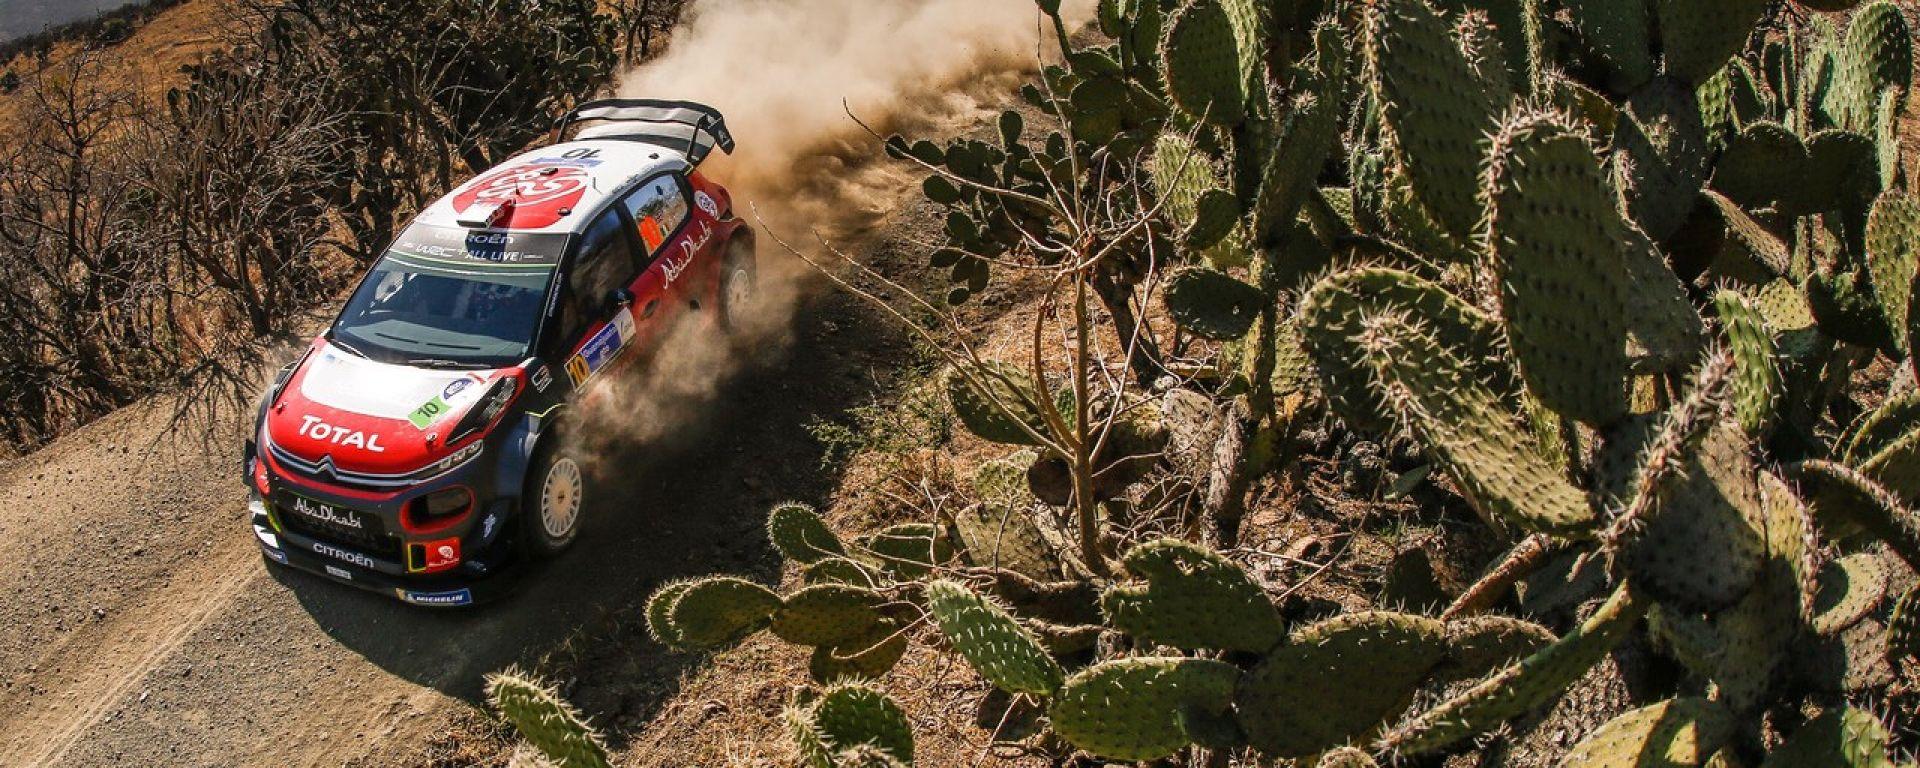 Kris Meeke si aggiudica il primo tempo nello Shakedown del rally del Messico 2018